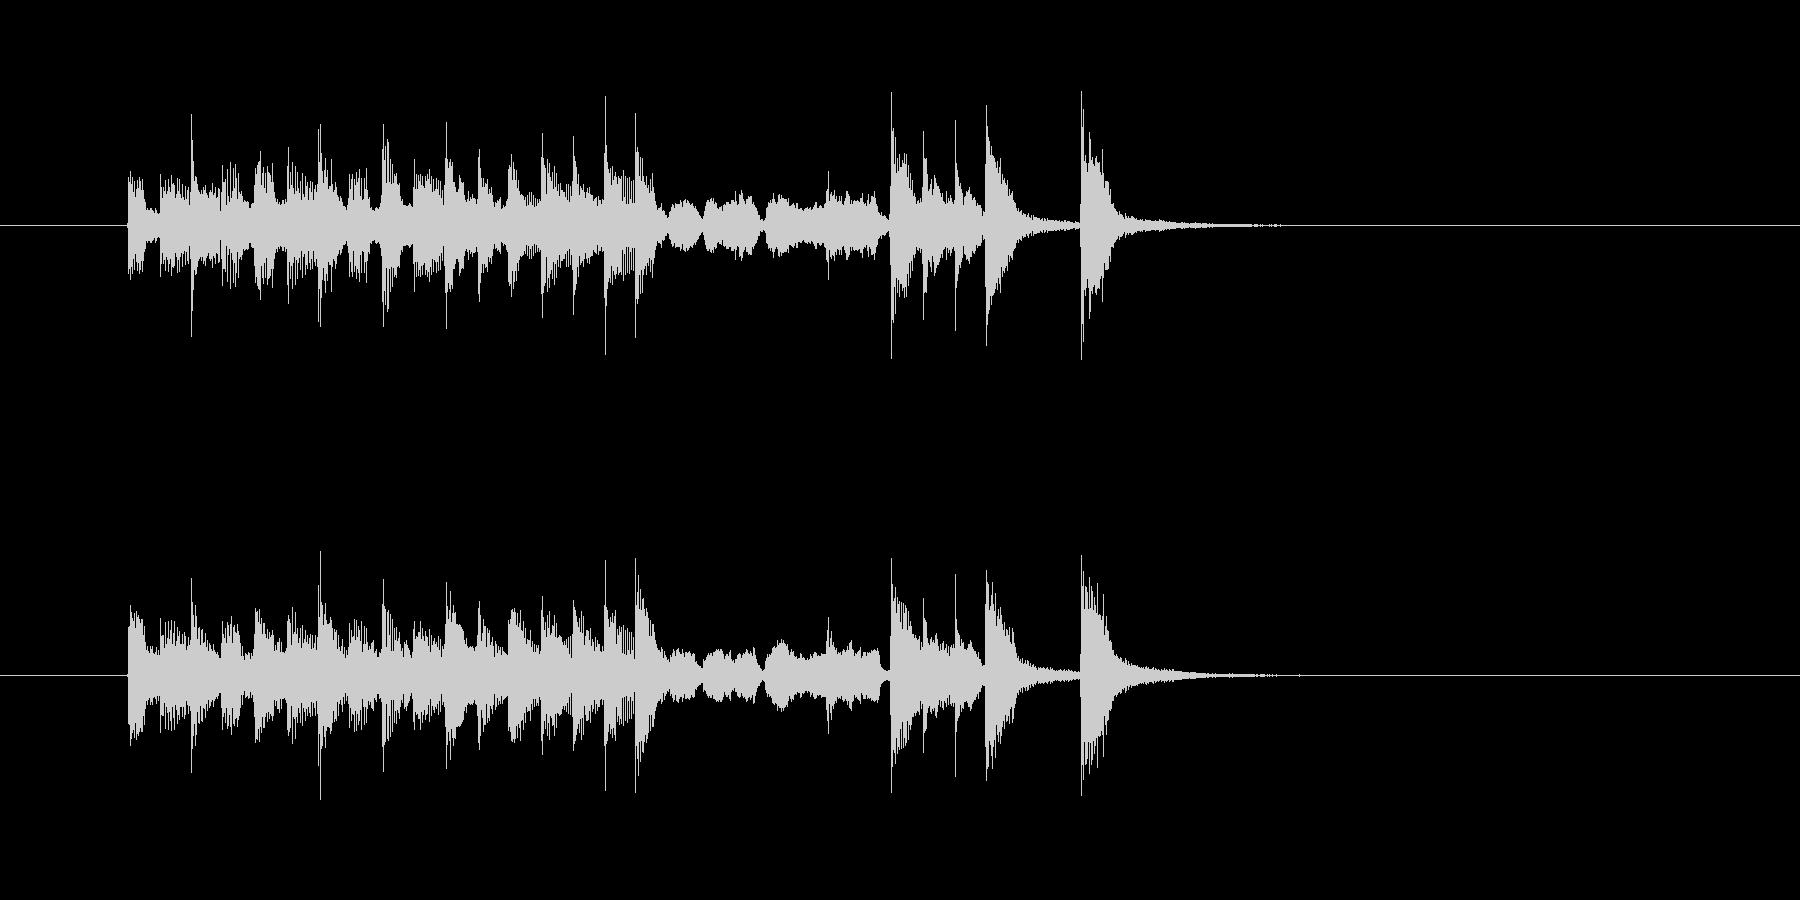 コミカル トランペット 明るい 楽しい の未再生の波形